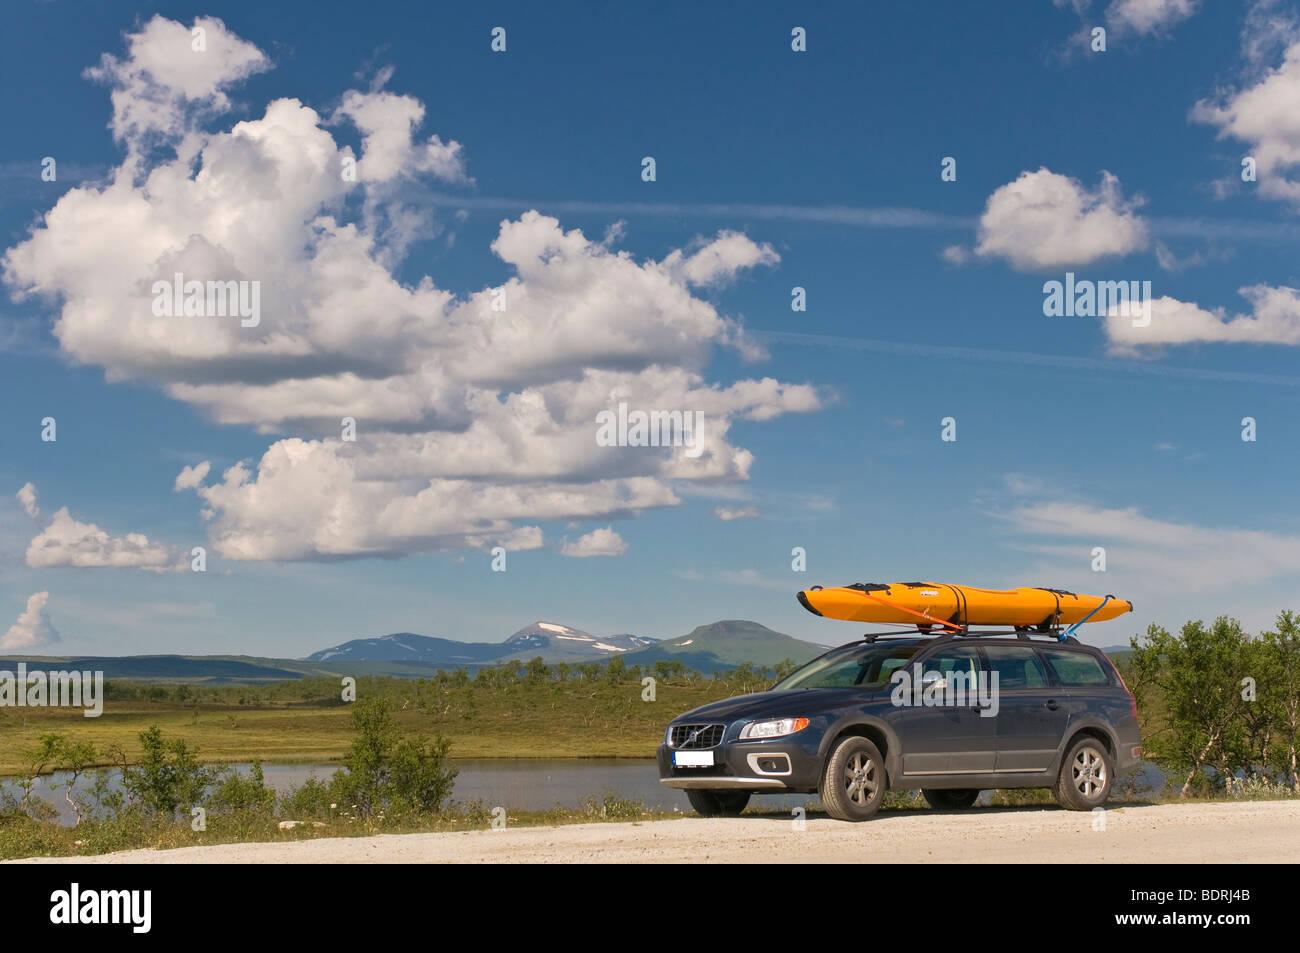 ferien mit volvo und kajak auf dem dach in haerjedalen, schweden, holliday with car kayak in sweden - Stock Image